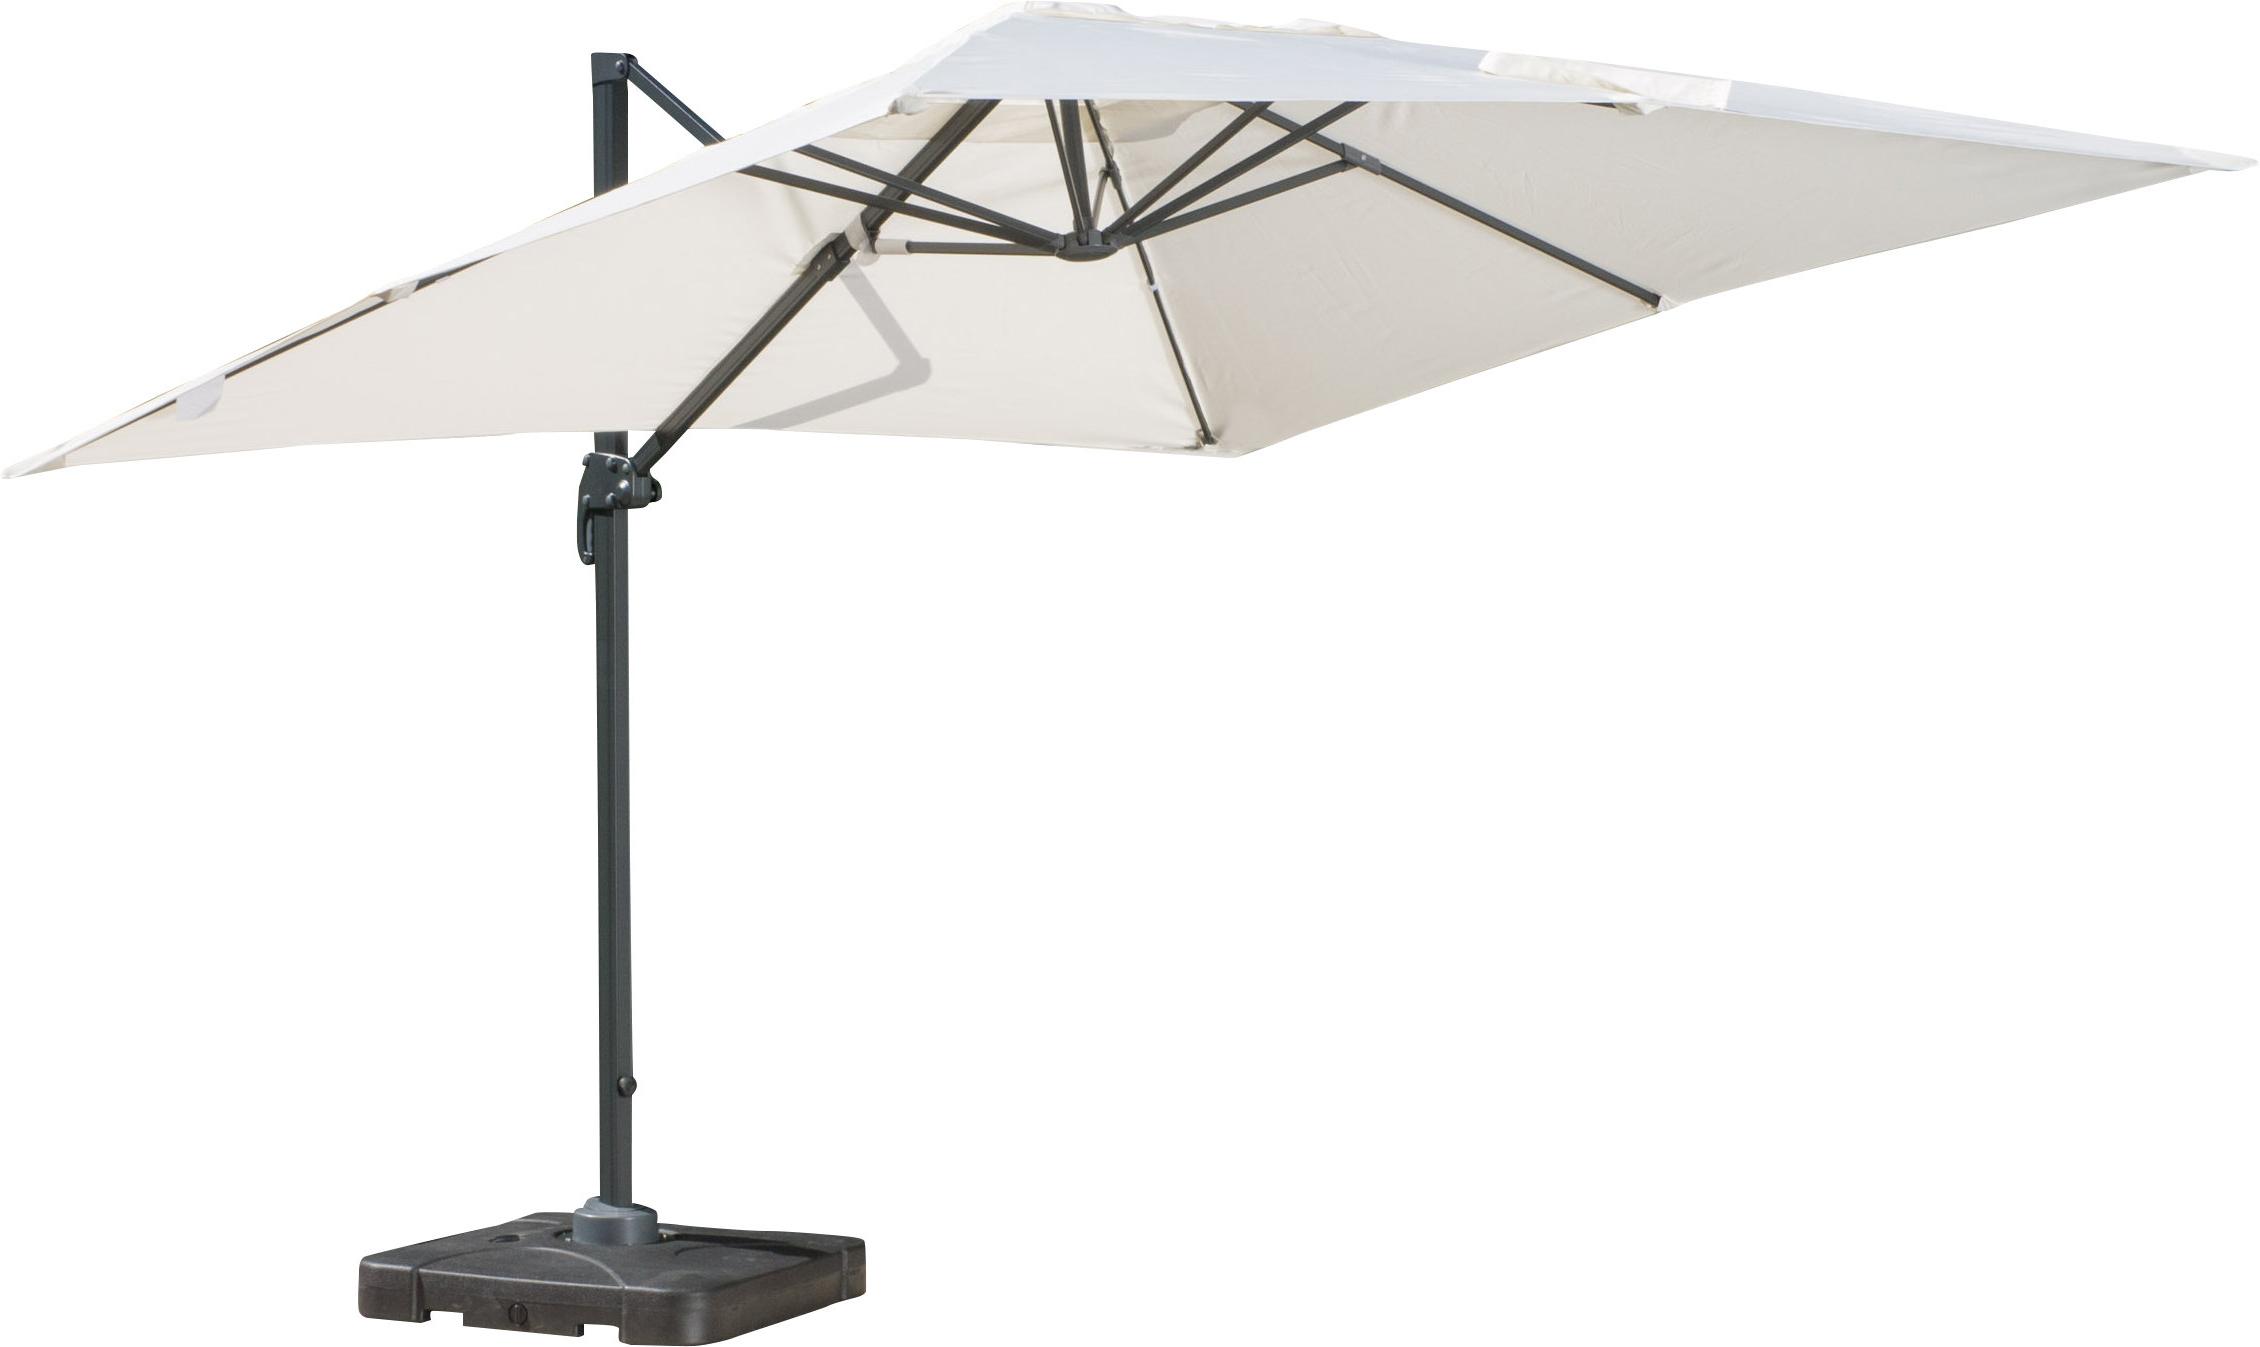 Boracay 10' Square Cantilever Umbrella & Reviews (View 3 of 20)